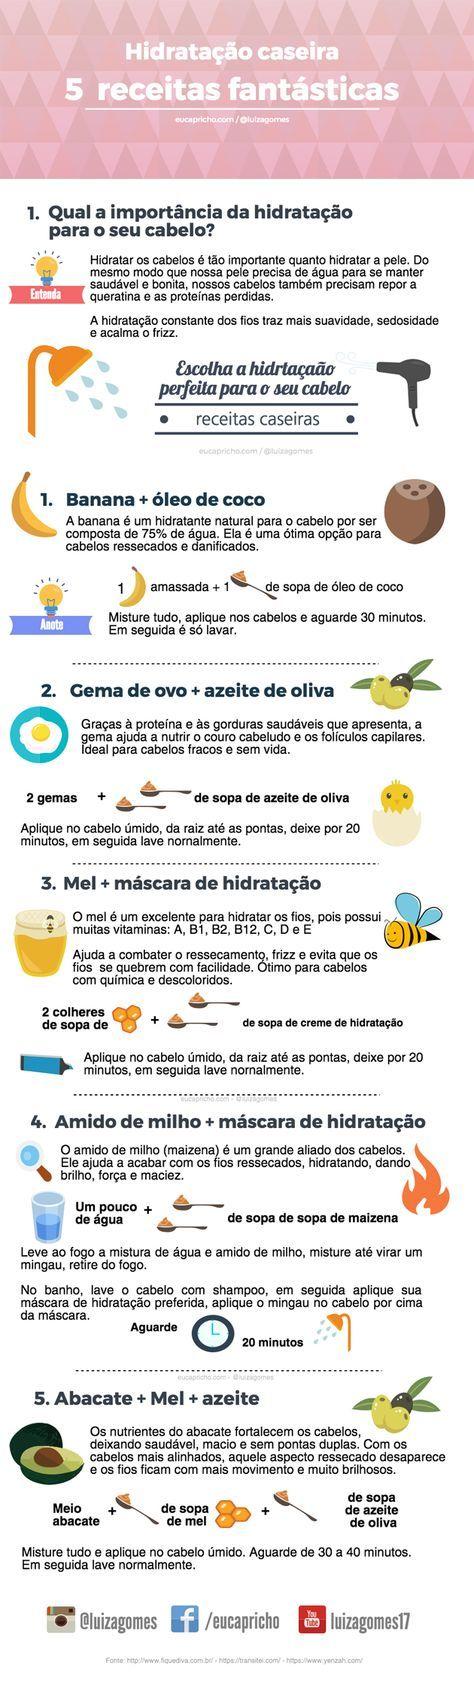 Hidratação para cabelos - 5 receitas fantásticas - aprenda 5 receitas para hidratar o cabelo. Hidratação com mel, óleo de coco, abacate, amido de milho.